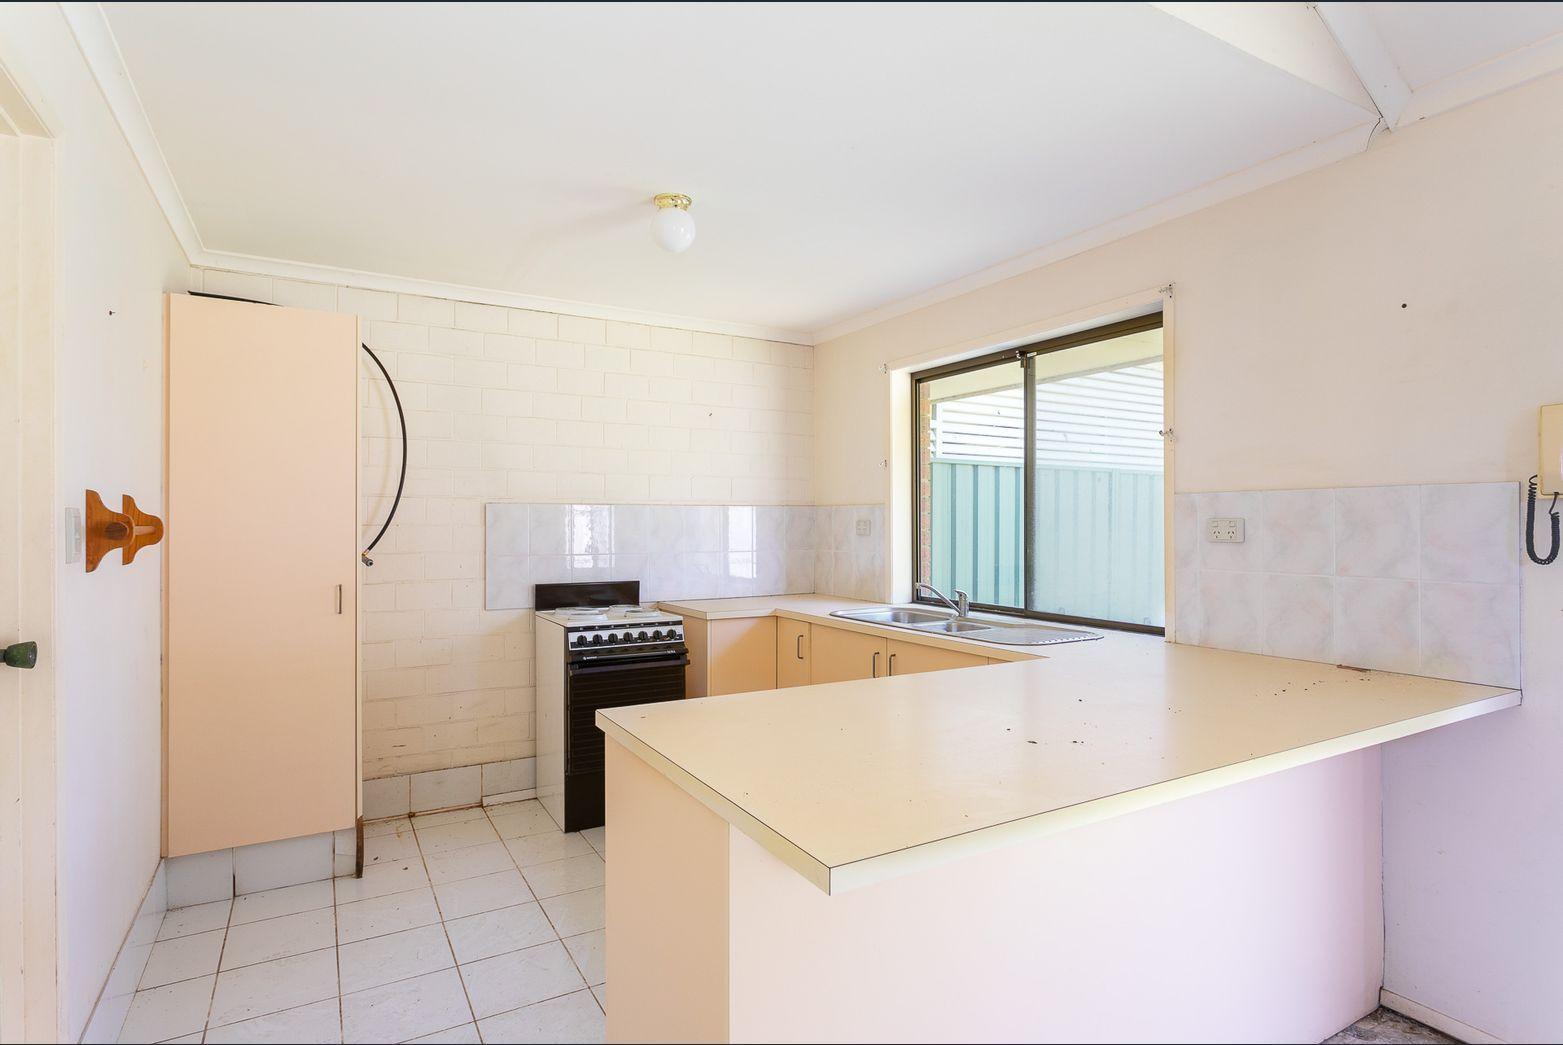 2/50 Corunna Crescent, Ashmore QLD 4214, Image 2